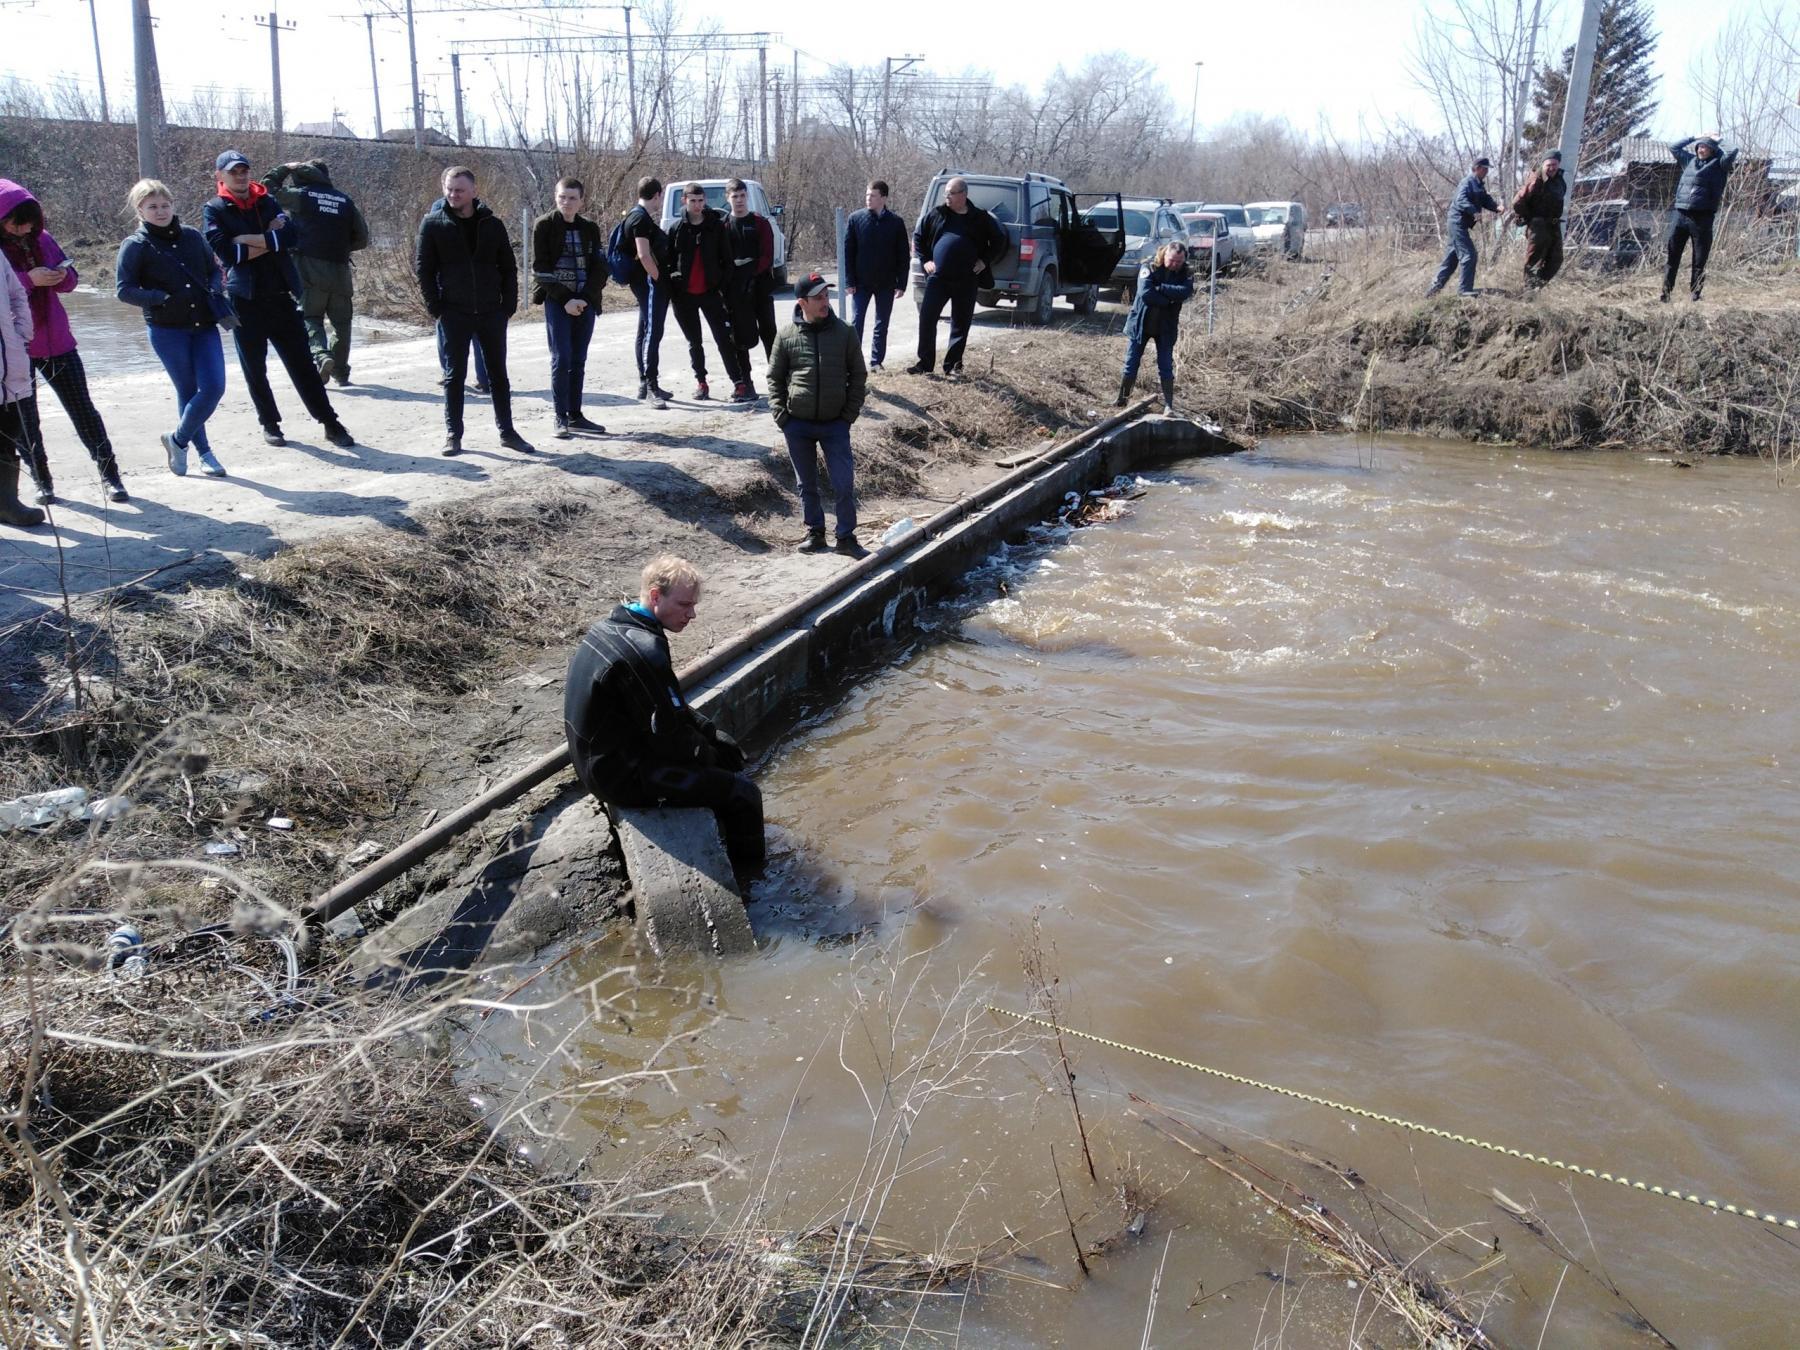 Фото Жители потребовали отставки главы Оби после гибели 6-летного мальчика под Новосибирском 2